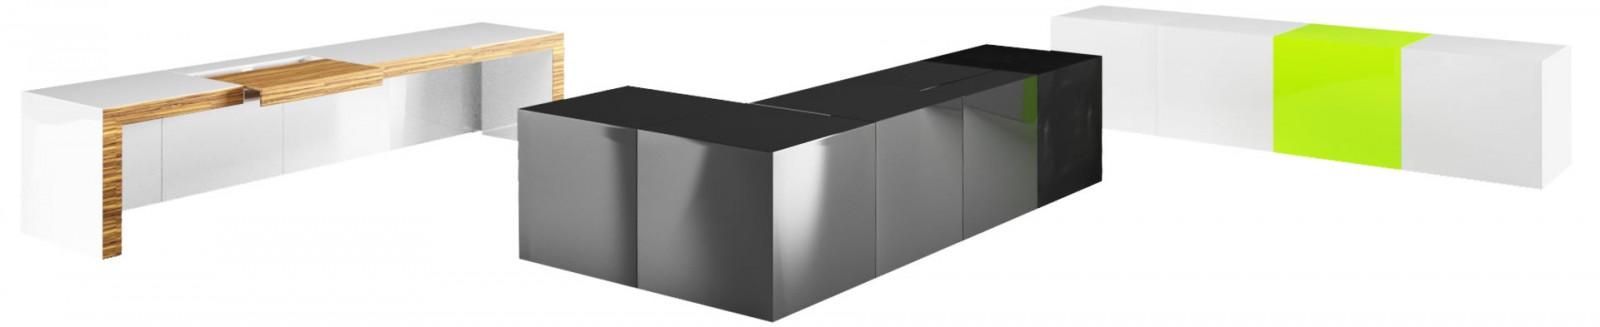 schreibtisch opperarius kaufen puristisch design tisch von rechteck. Black Bedroom Furniture Sets. Home Design Ideas